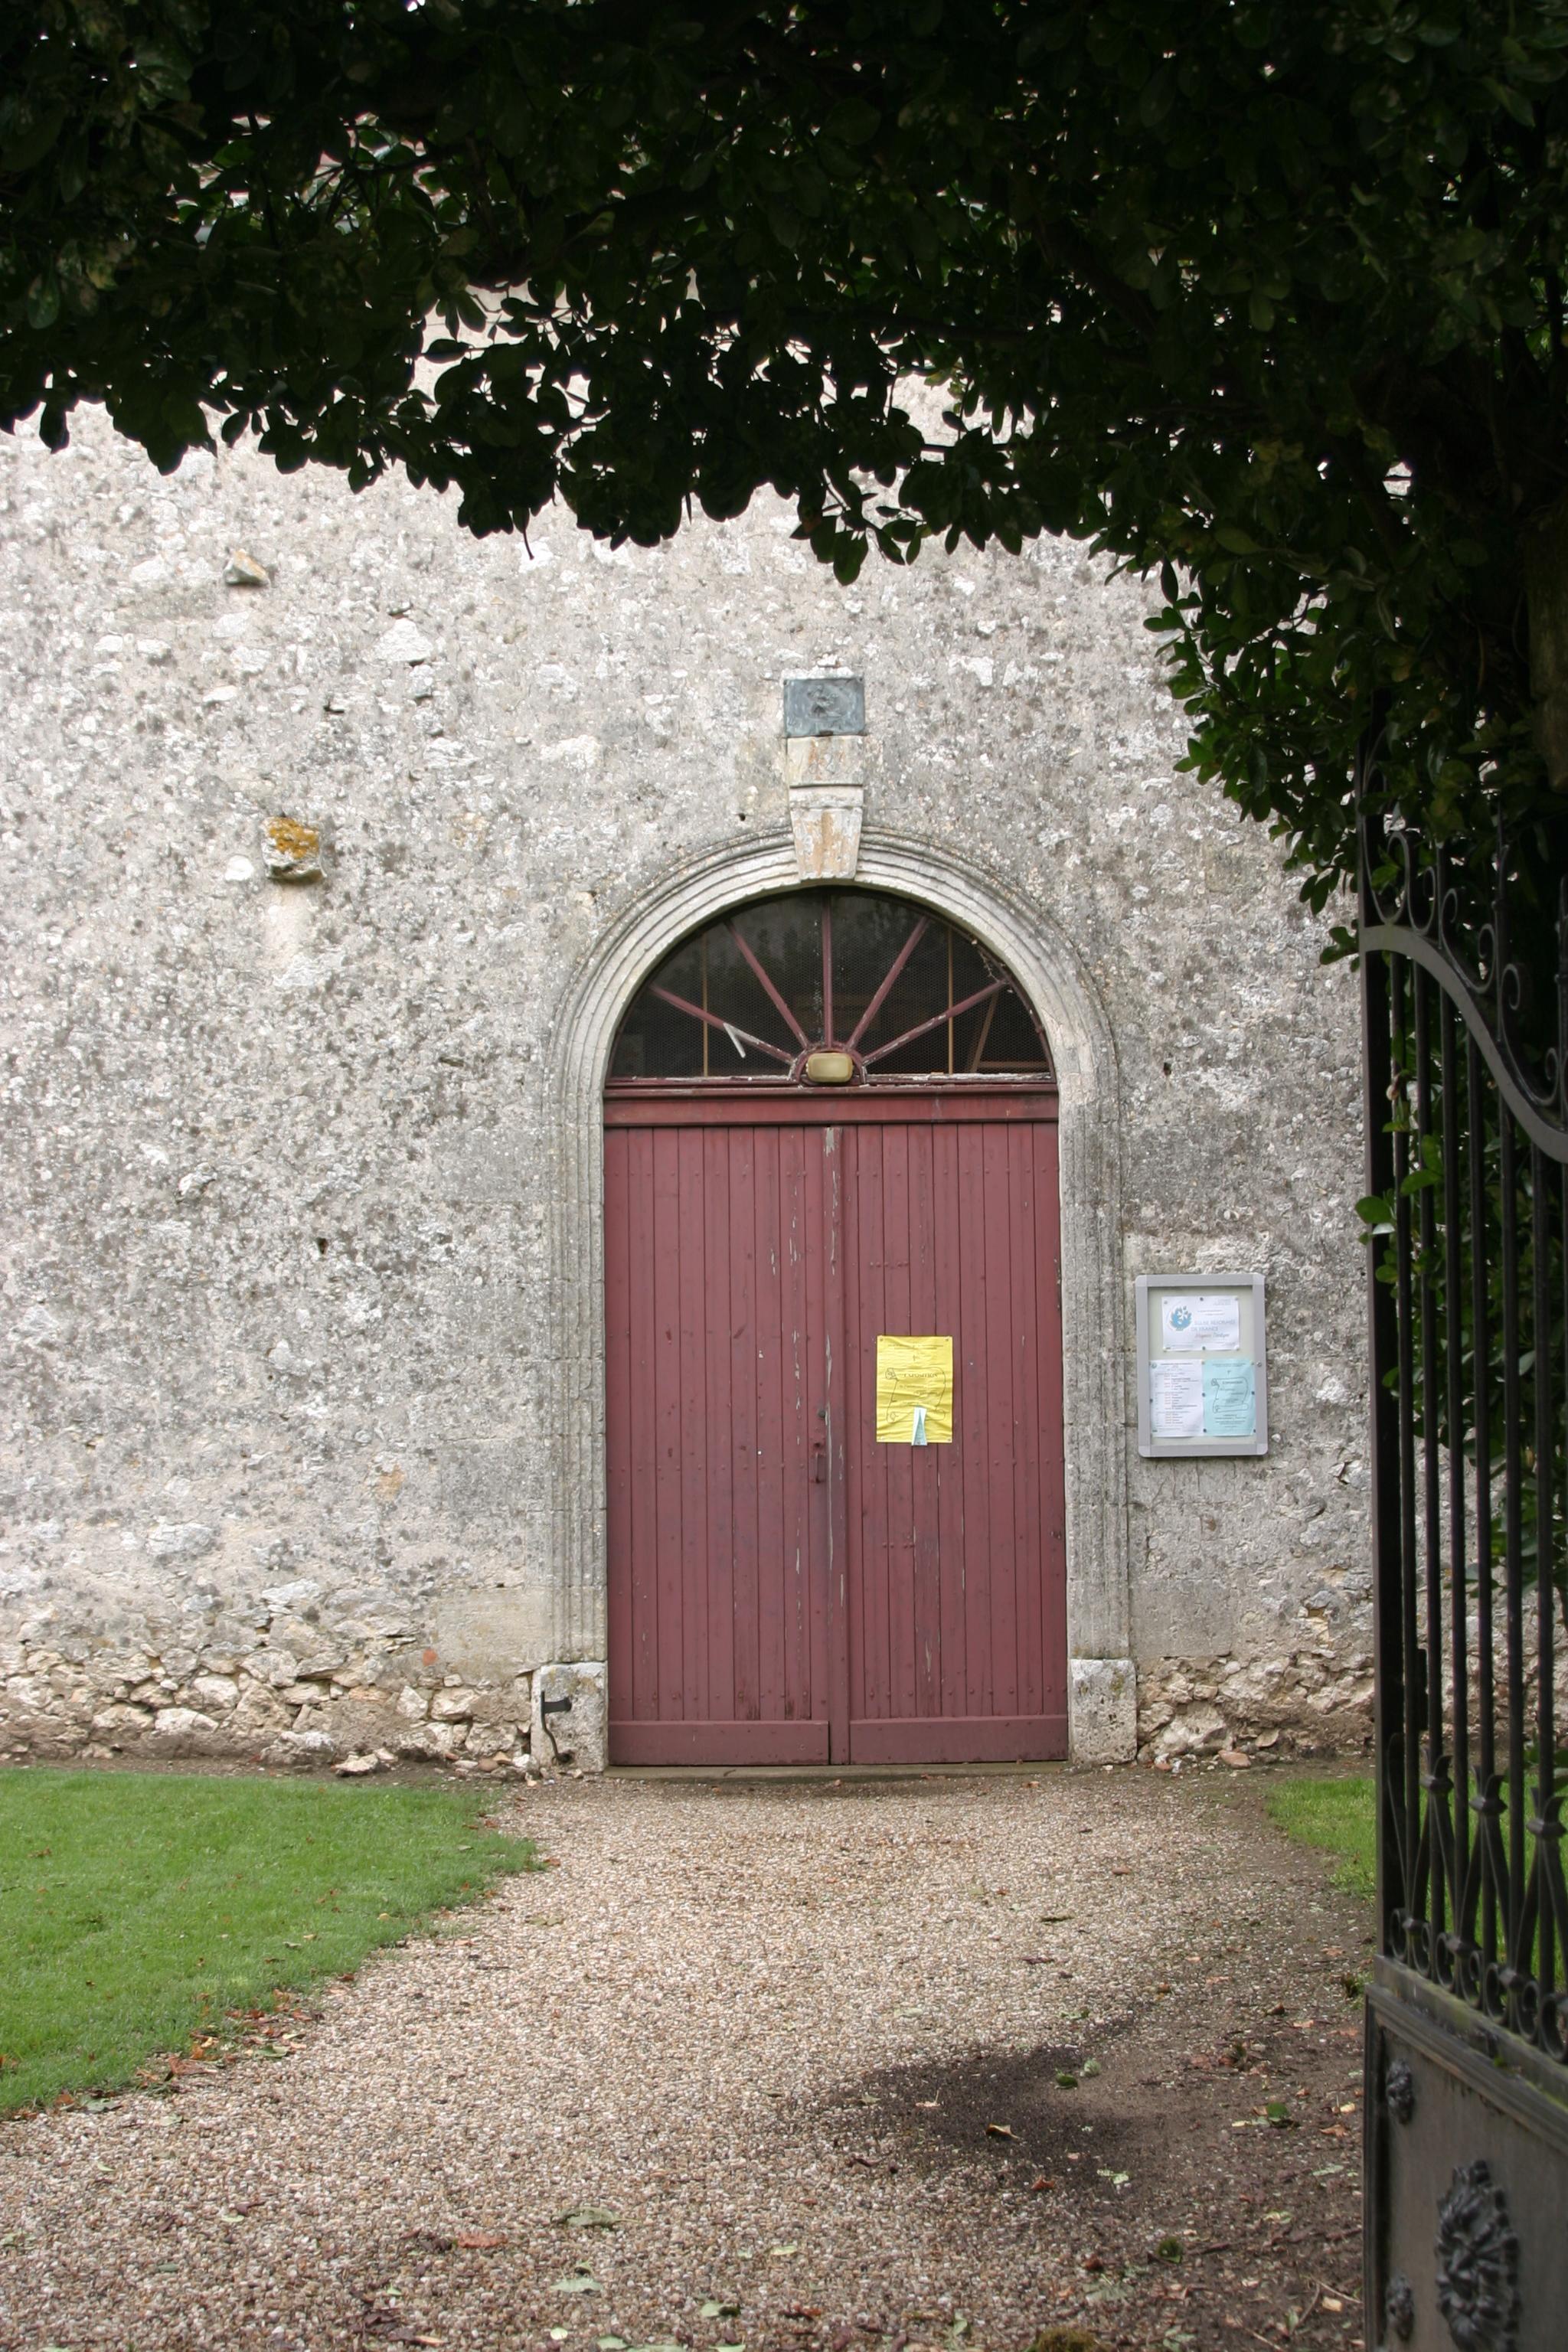 24 230 - EGLISE PROTESTANTE UNIE de SAINT-ANTOINE-DE-BREUIL dans 24-Dordogne f-temple-de-saint-antoine